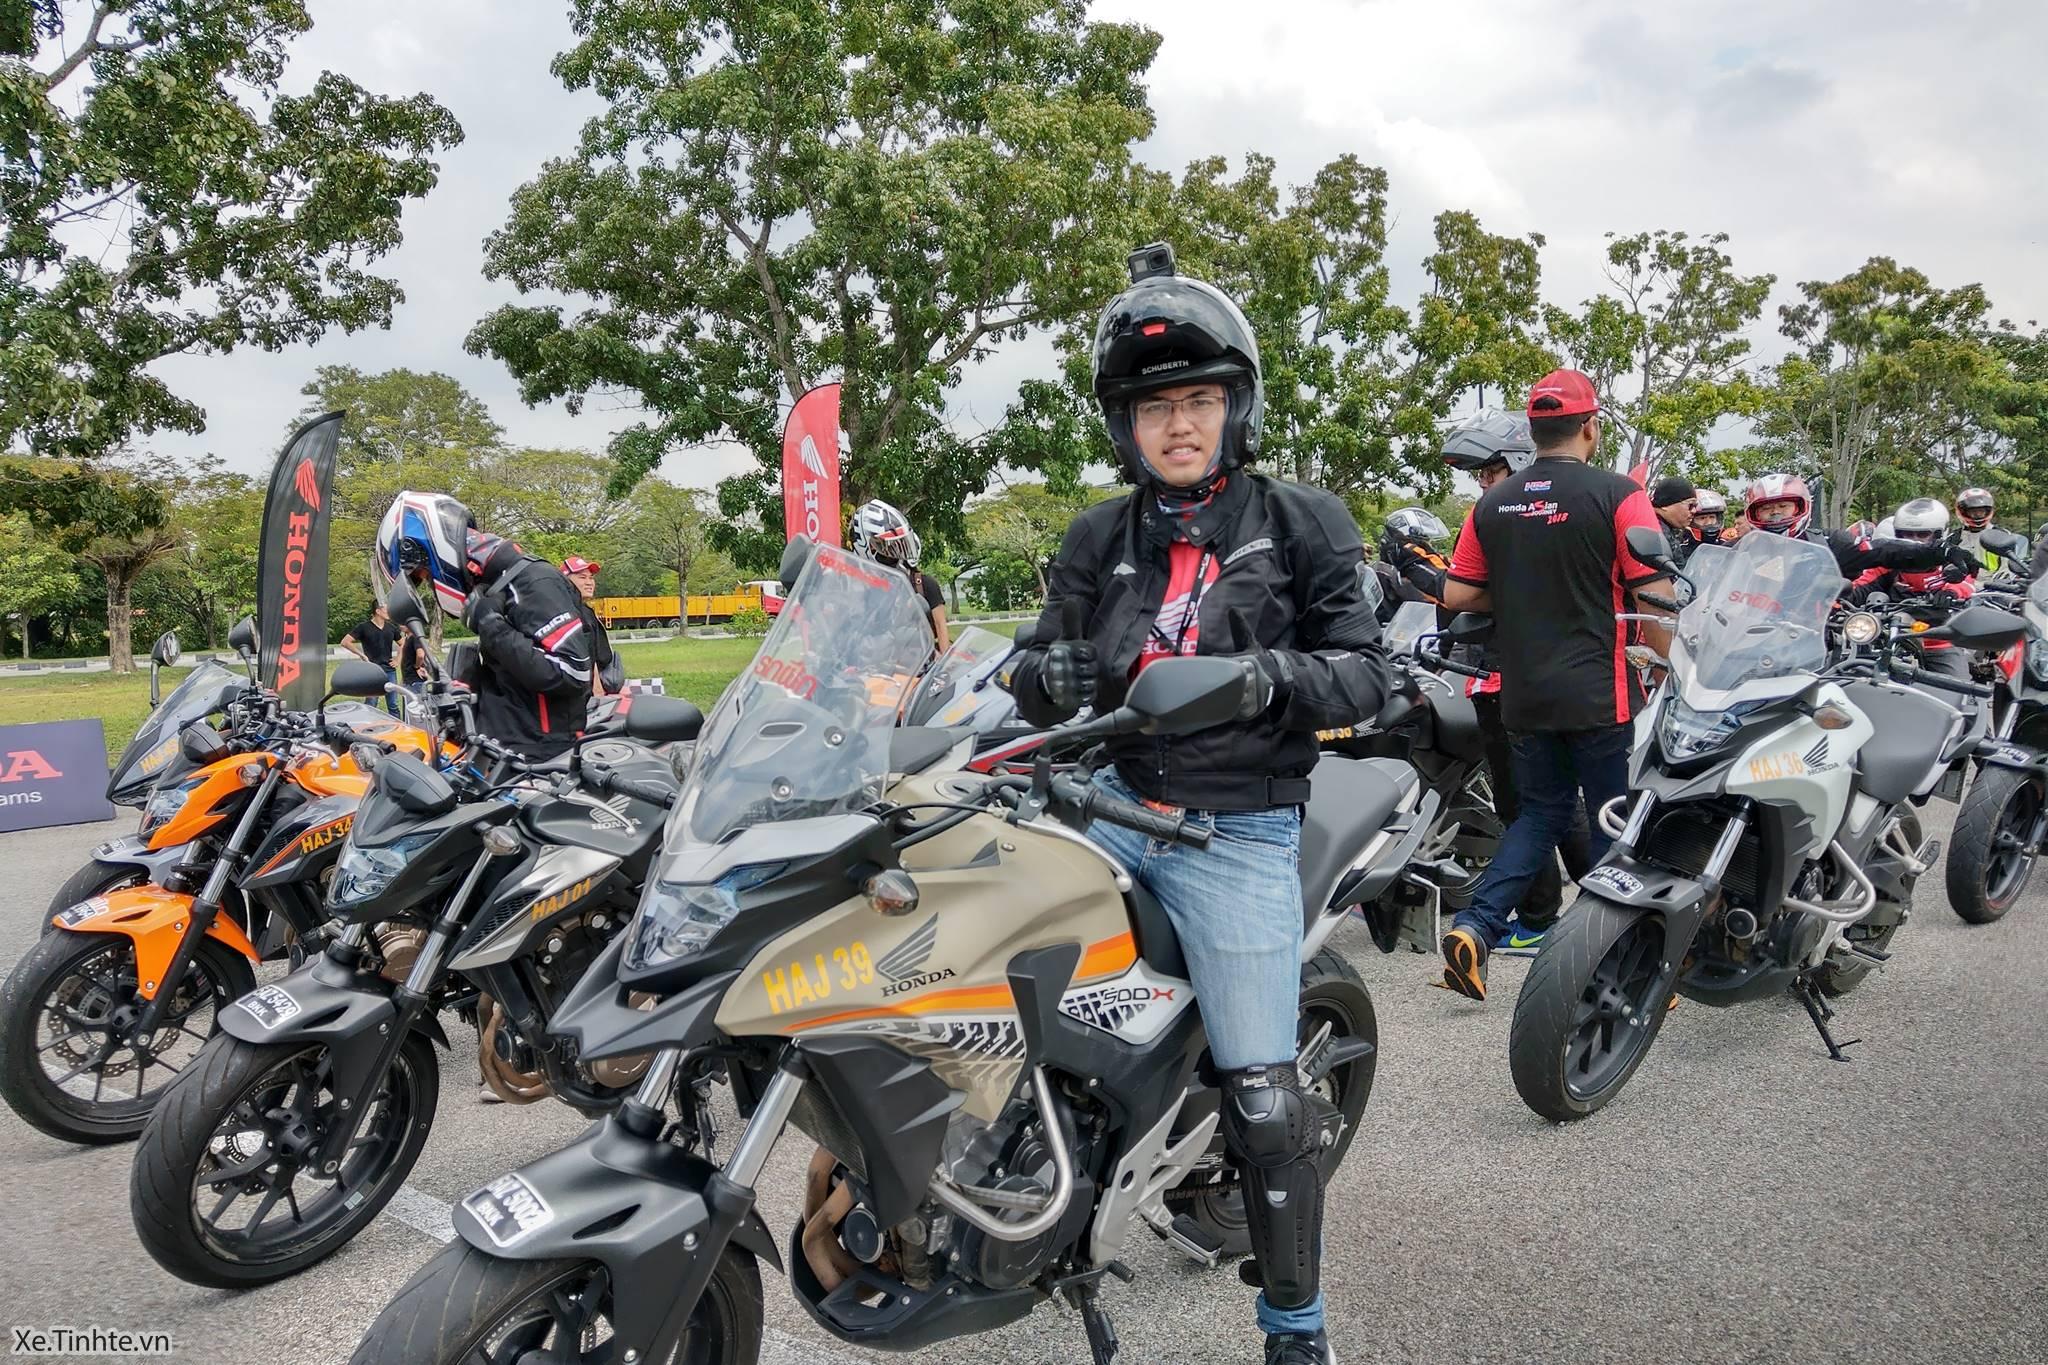 Honda_Asian_Journey_2018_Xe_Tinhte_IMAG0371.jpg